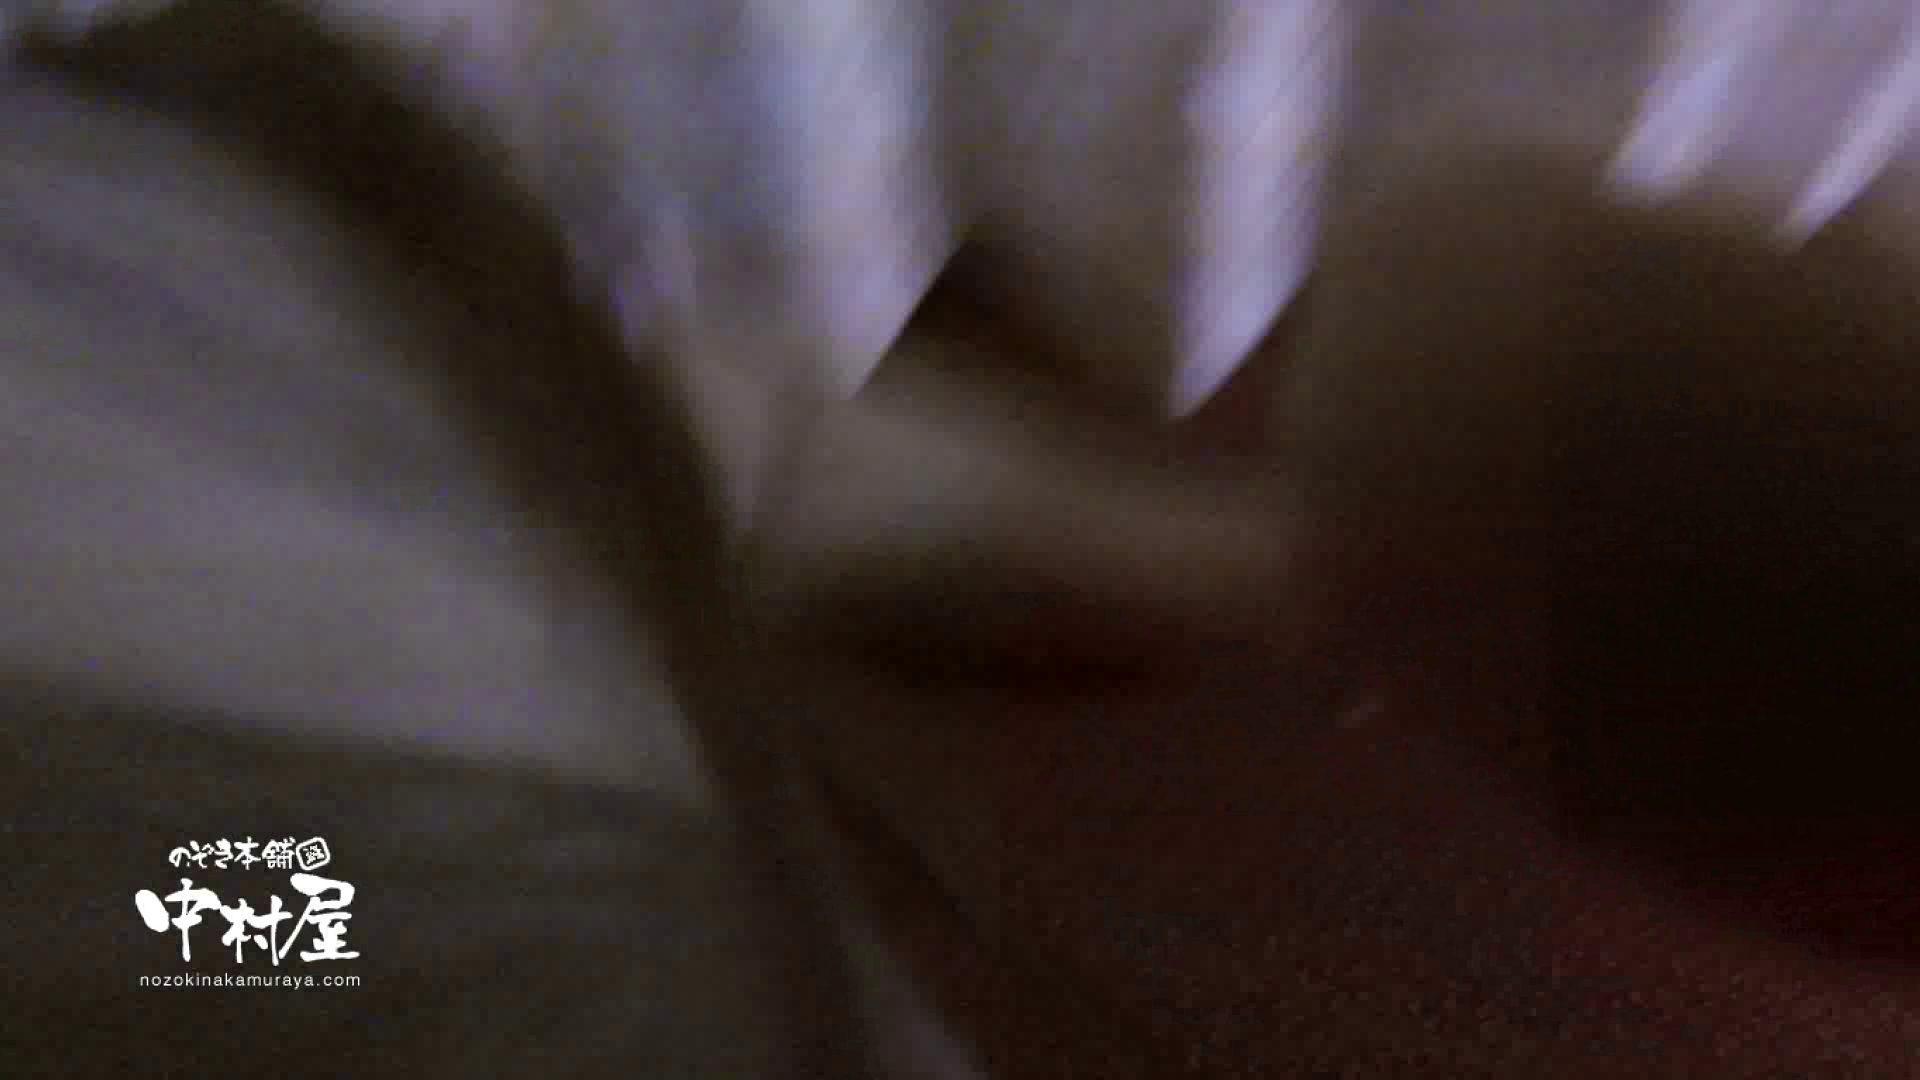 鬼畜 vol.05 誰にも言うなよ! はぃ… 前編 鬼畜  83PIX 70